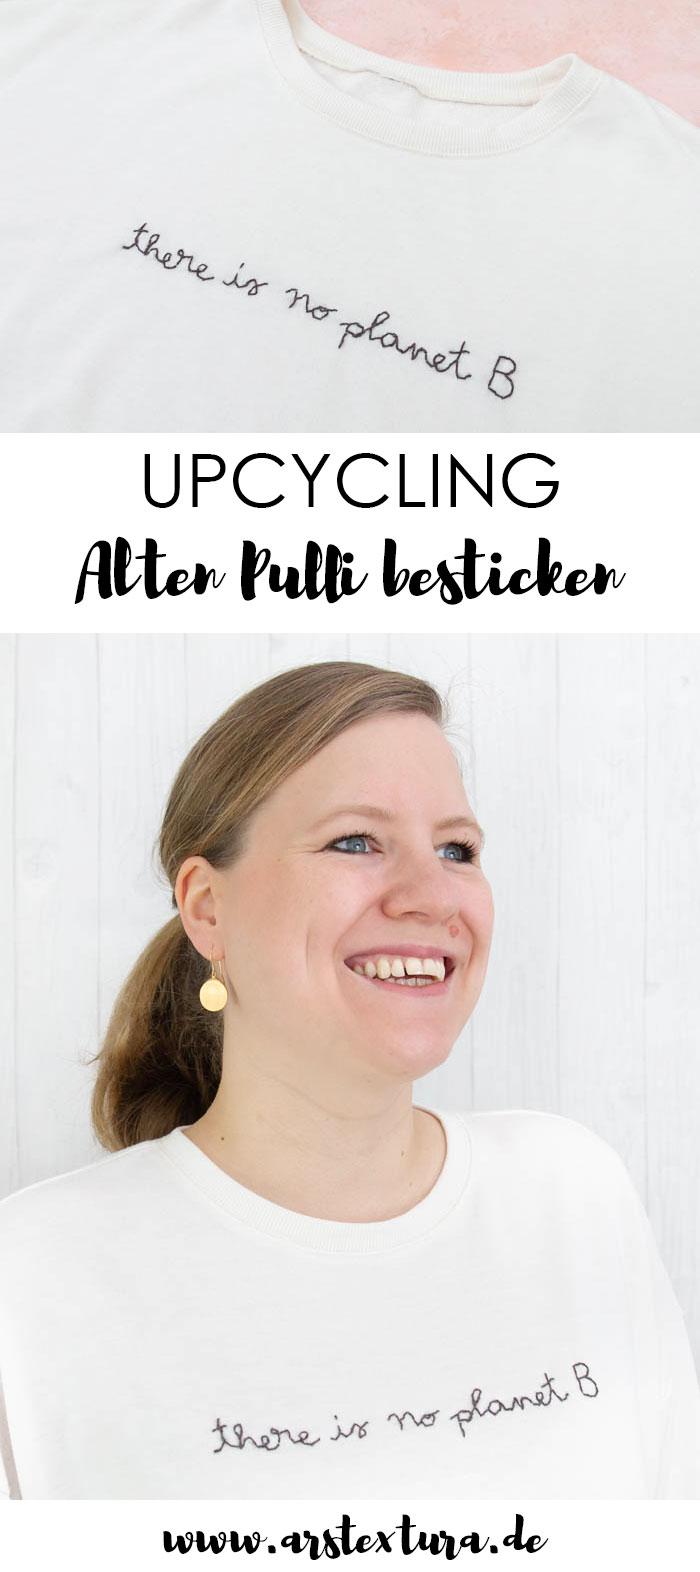 """Upcycling: Alten Pulli besticken mit """"there is no planet B"""" #nachhaltigkeit"""